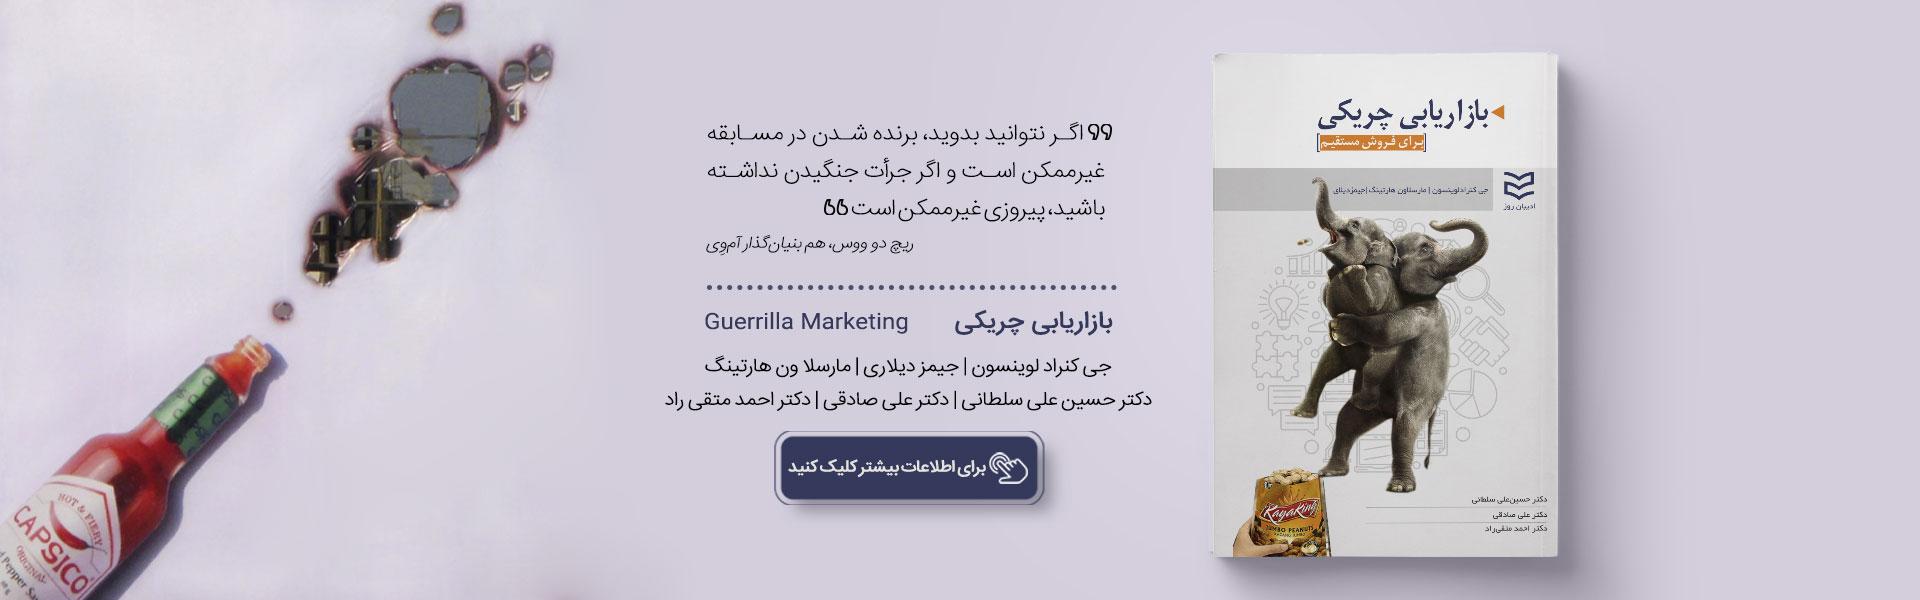 منتشر شد